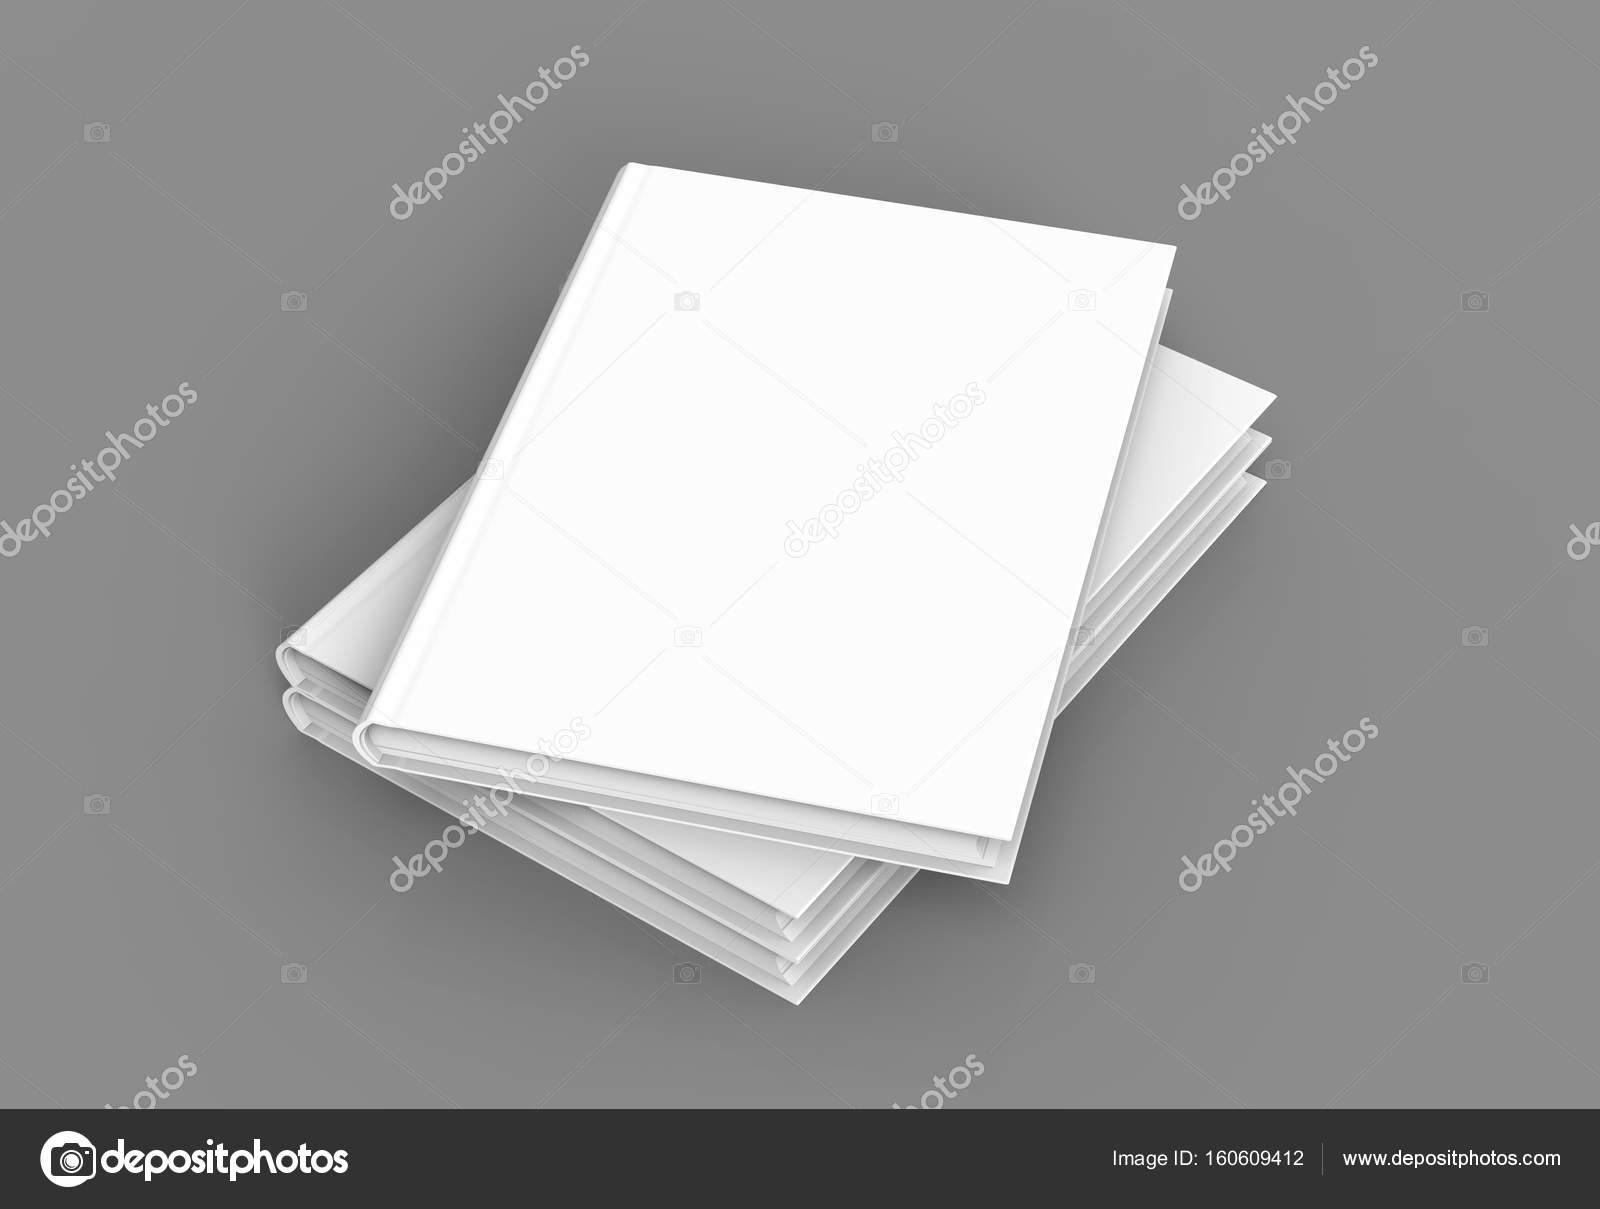 Schön Buch Platten Vorlage Ideen - Beispielzusammenfassung Ideen ...